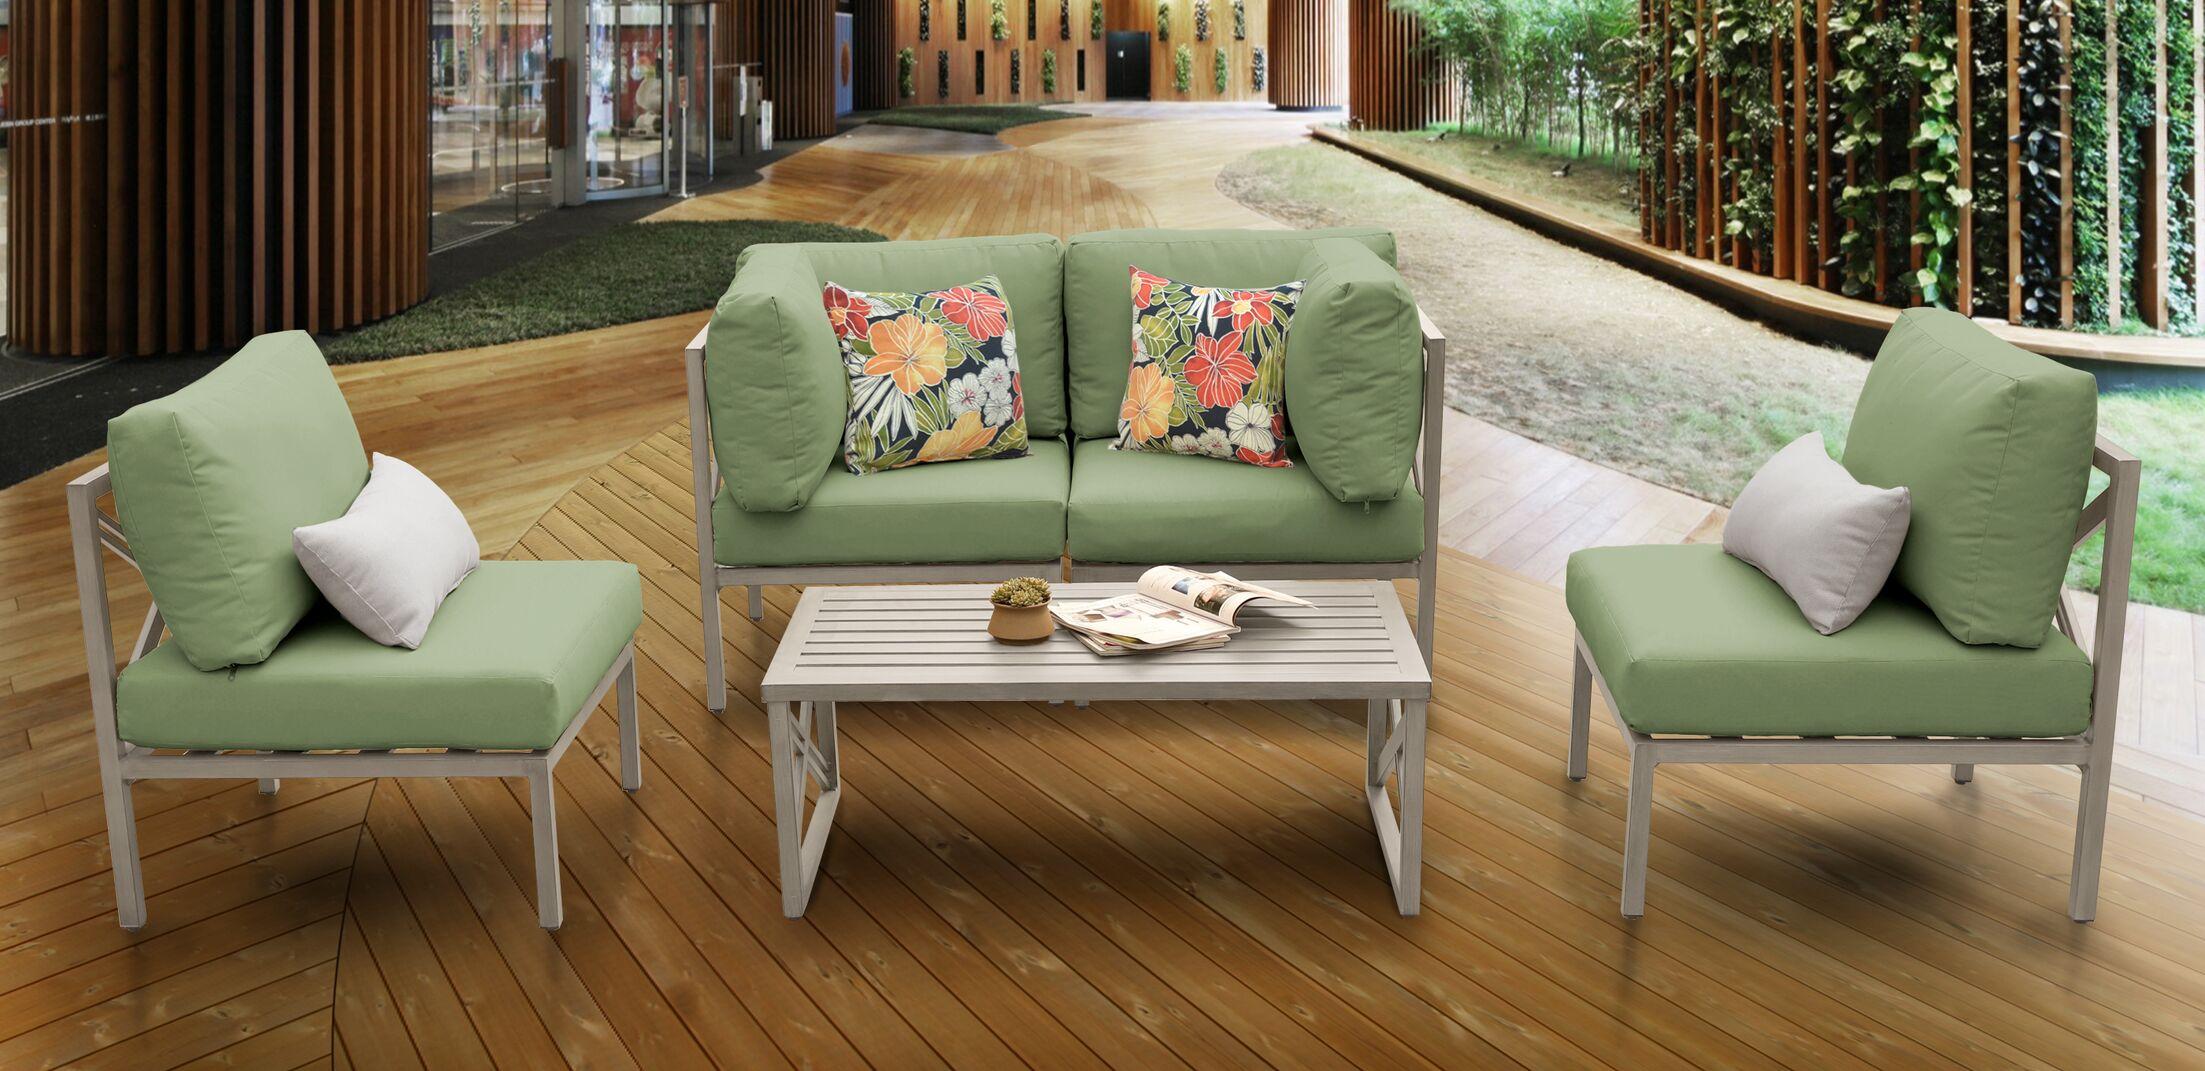 Carlisle 5 Piece Sofa Set with Cushions Cushion Color: Cilantro